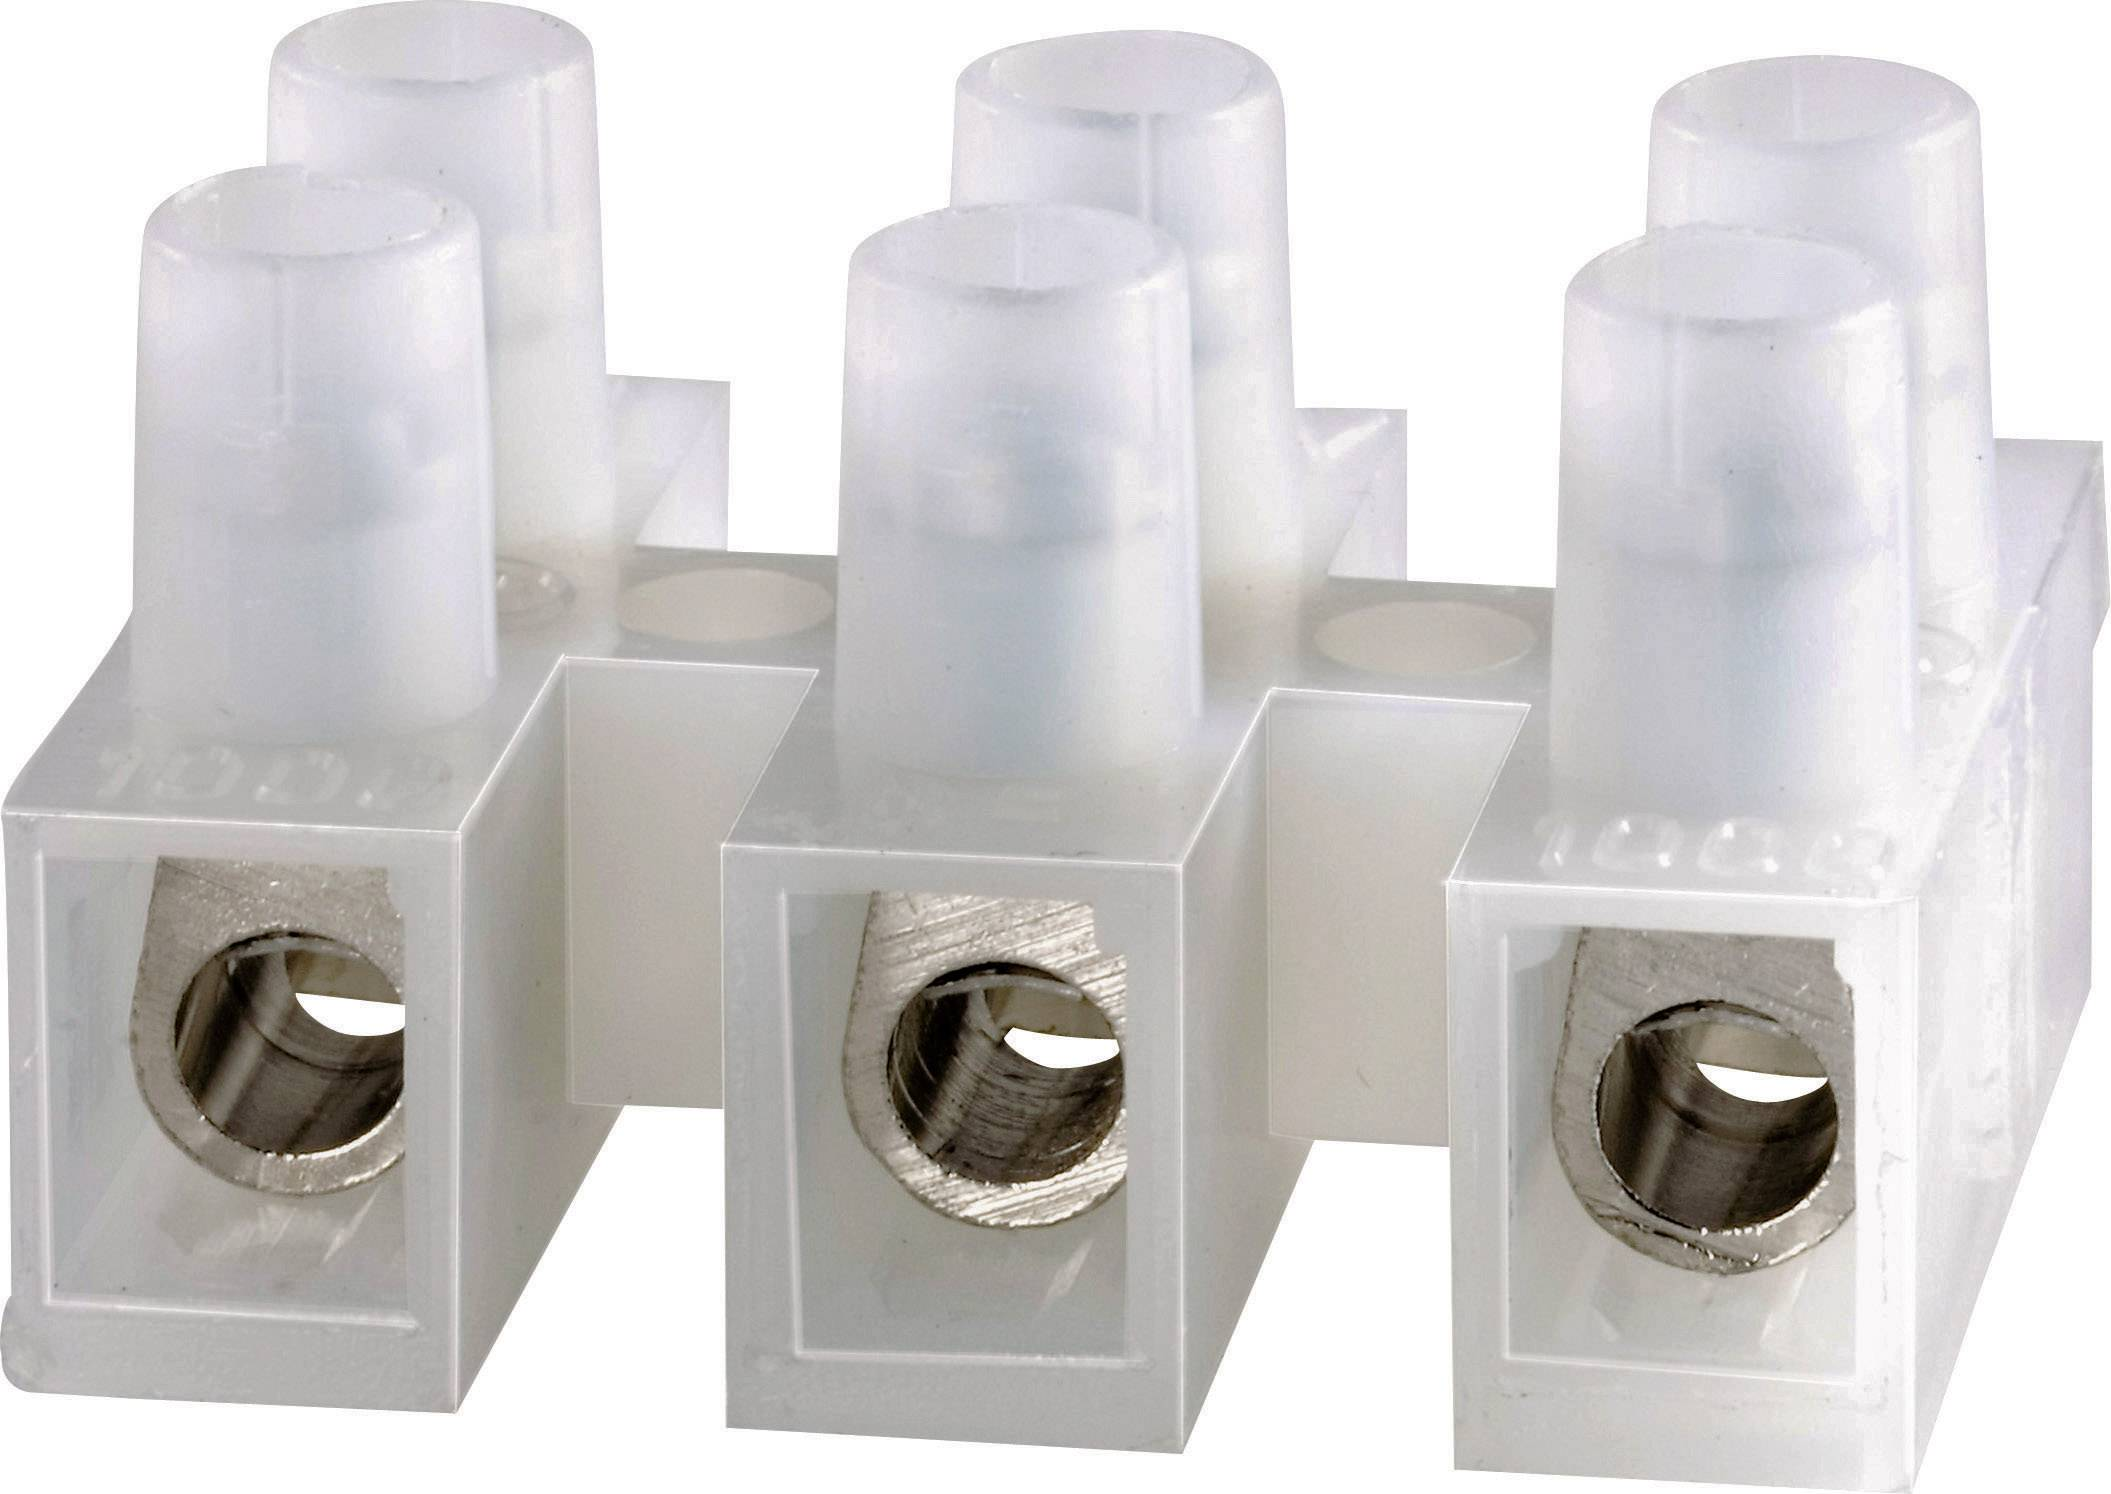 Svietidlové svorky Adels-Contact 500/1235 na kábel s rozmerom -2.5 mm², pólů 12, 1 ks, prírodná